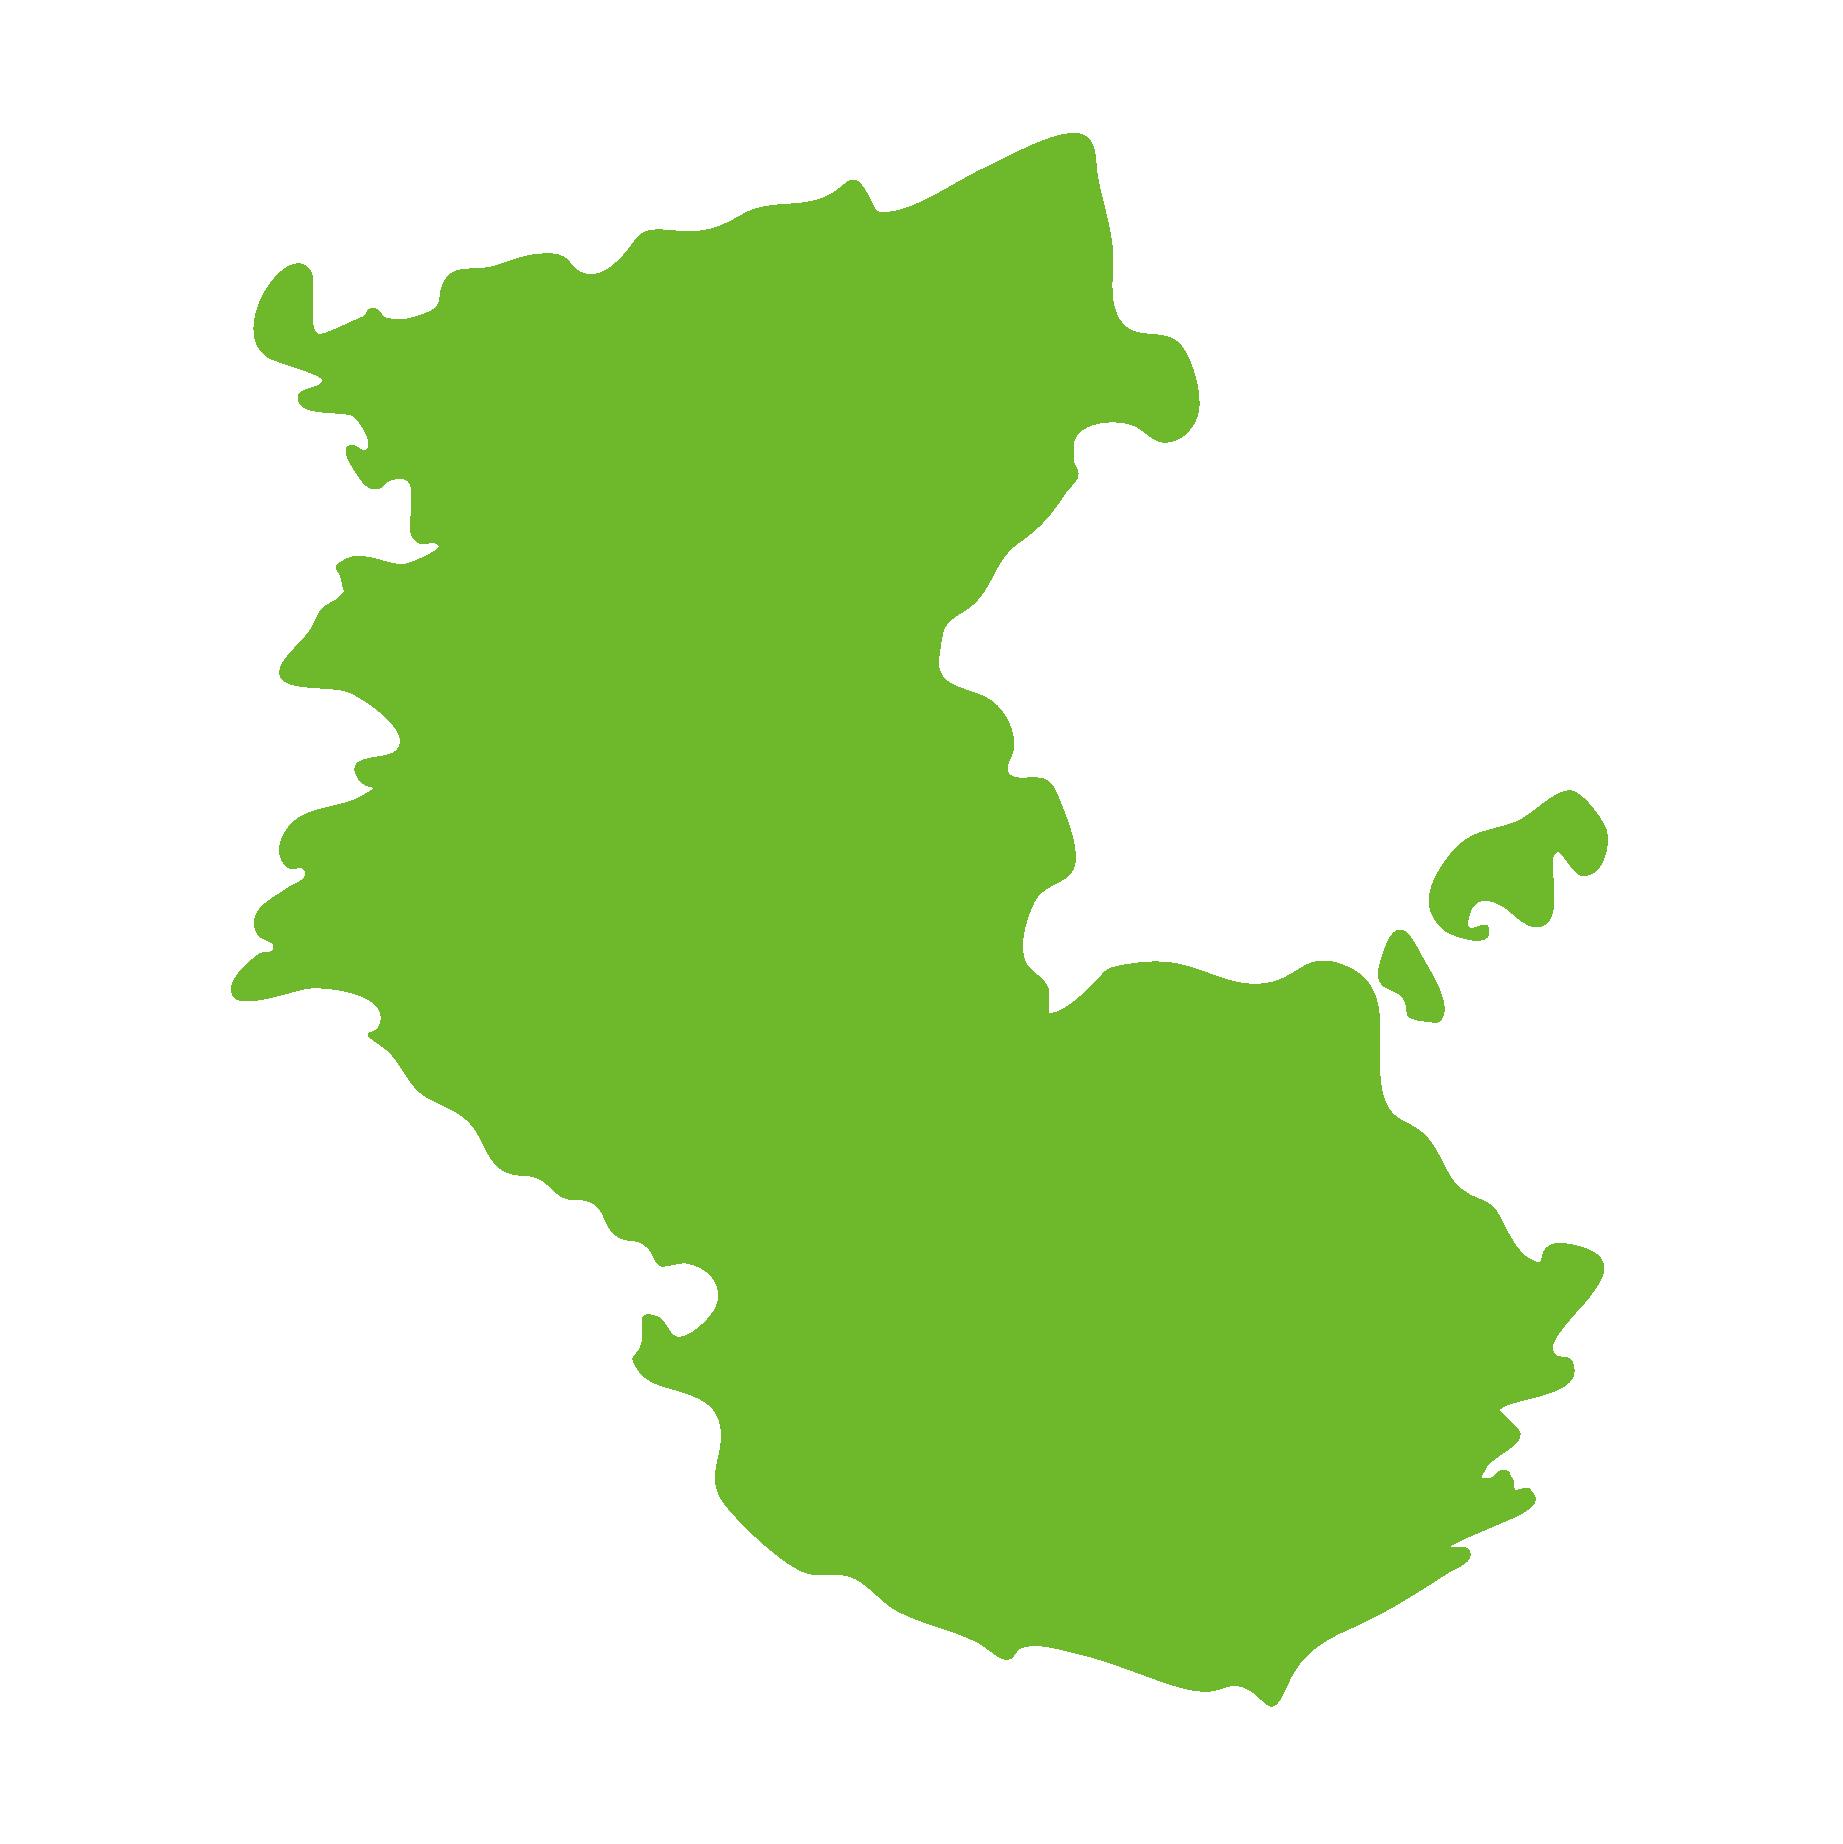 和歌山県の地図